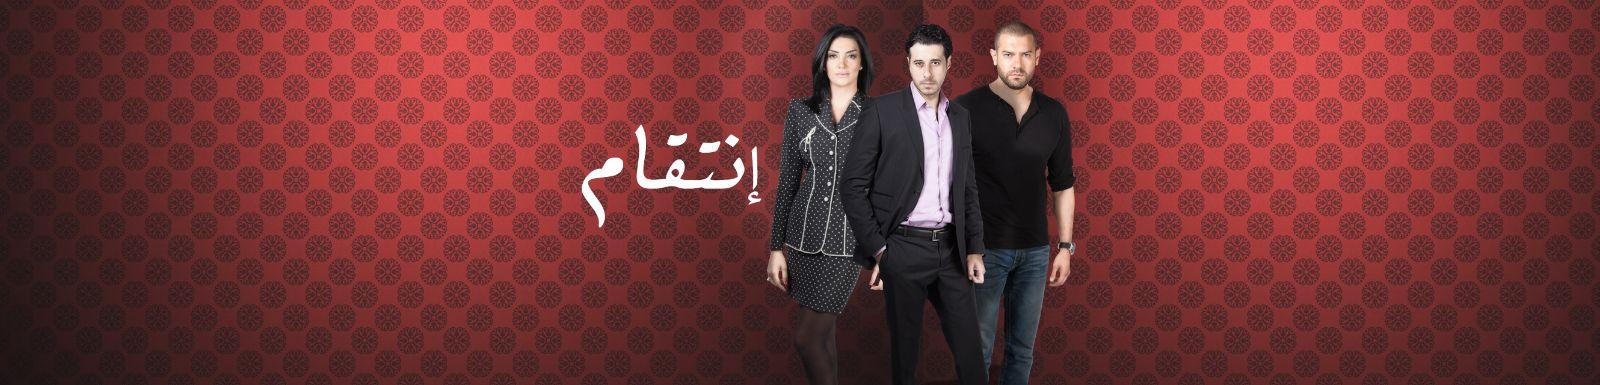 تحميل مسلسل إنتقام الحلقة 44 MBC shahid شاهد نت